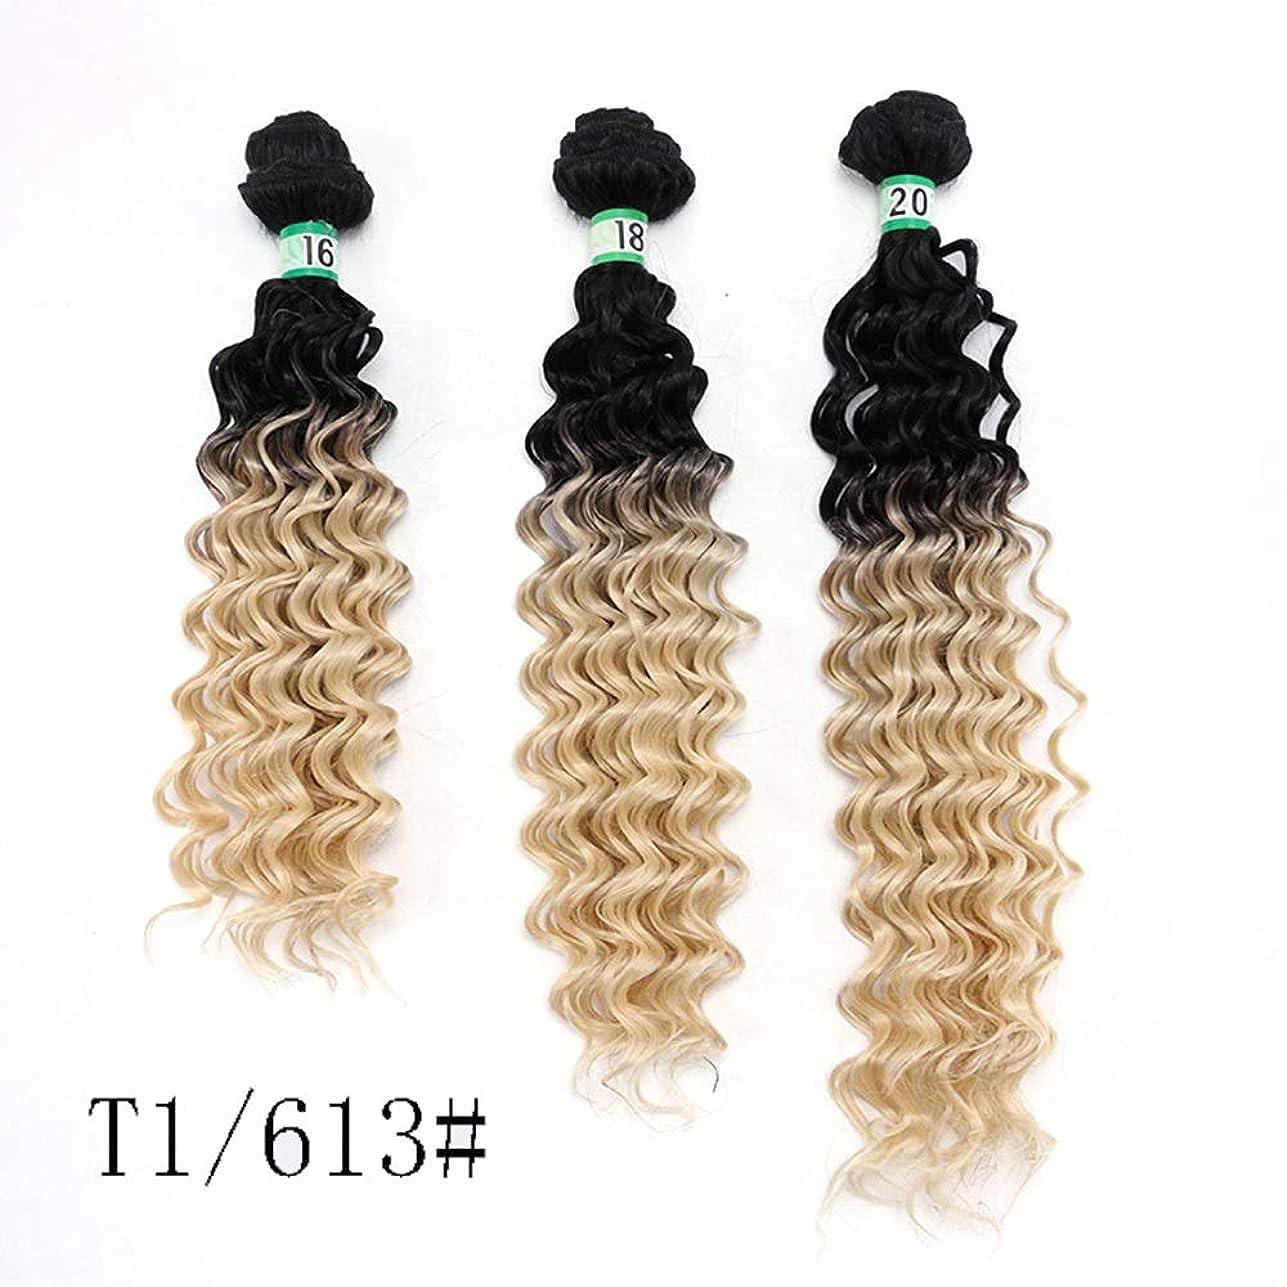 静かなテストきらめくMayalina ブラジルの髪の毛の深い波の髪織り3バンドル - T1 / 613#ブロンドの髪のバンドルミックス長(16